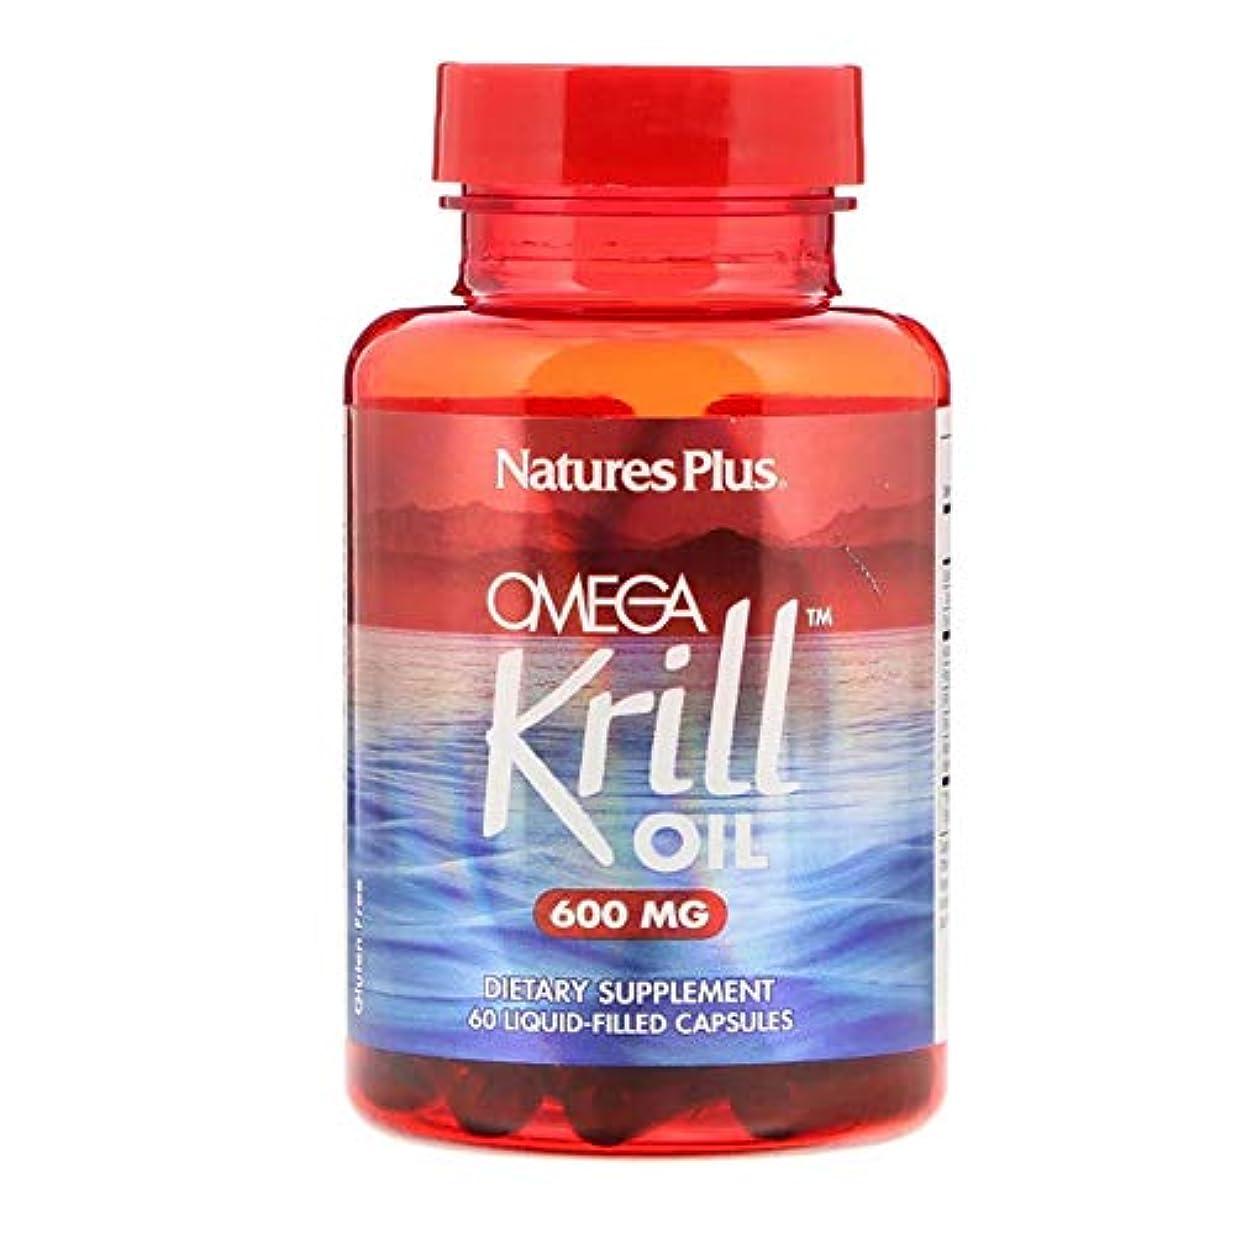 配管工達成実現可能Nature's Plus オメガ クリルオイル 600 mg 60 液体カプセル 【アメリカ直送】